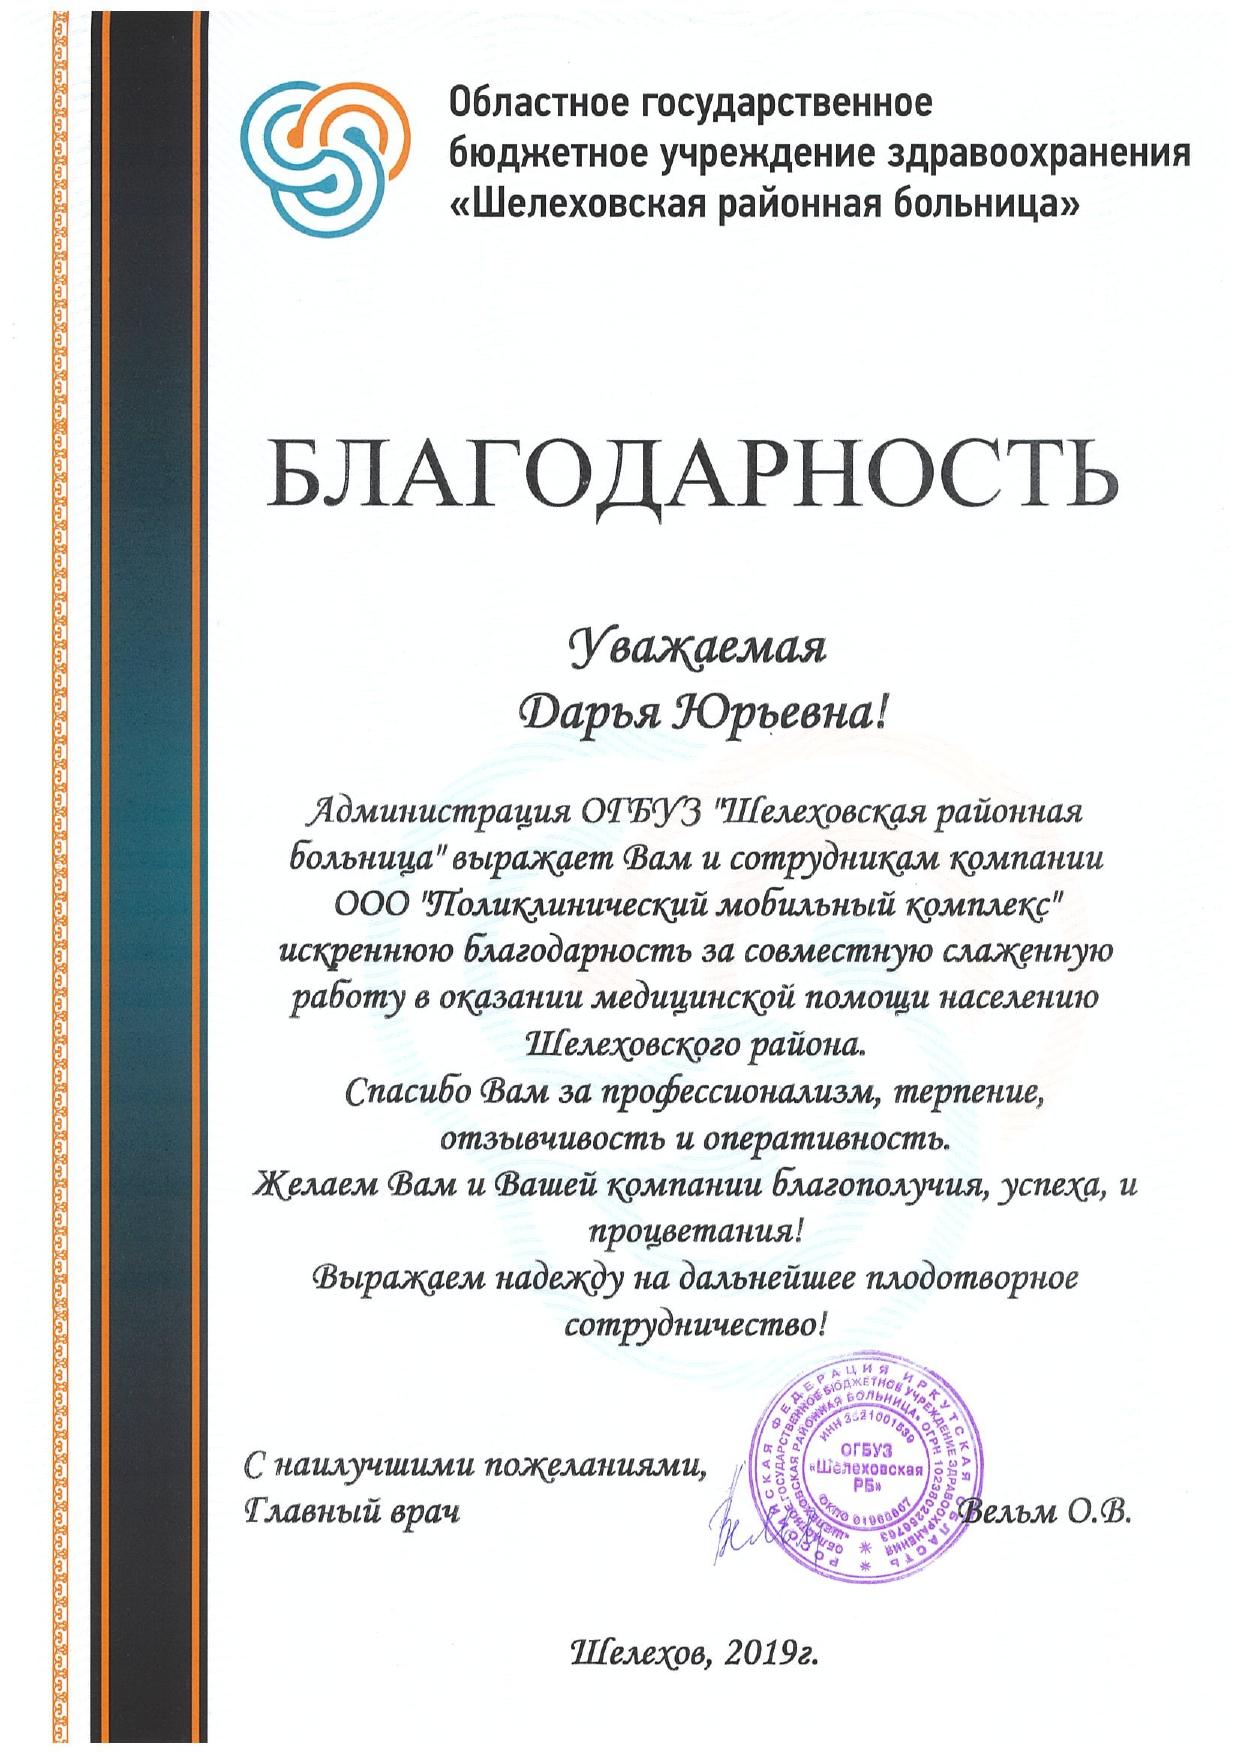 Благодарность(Шелеховская РБ)_page-0001.